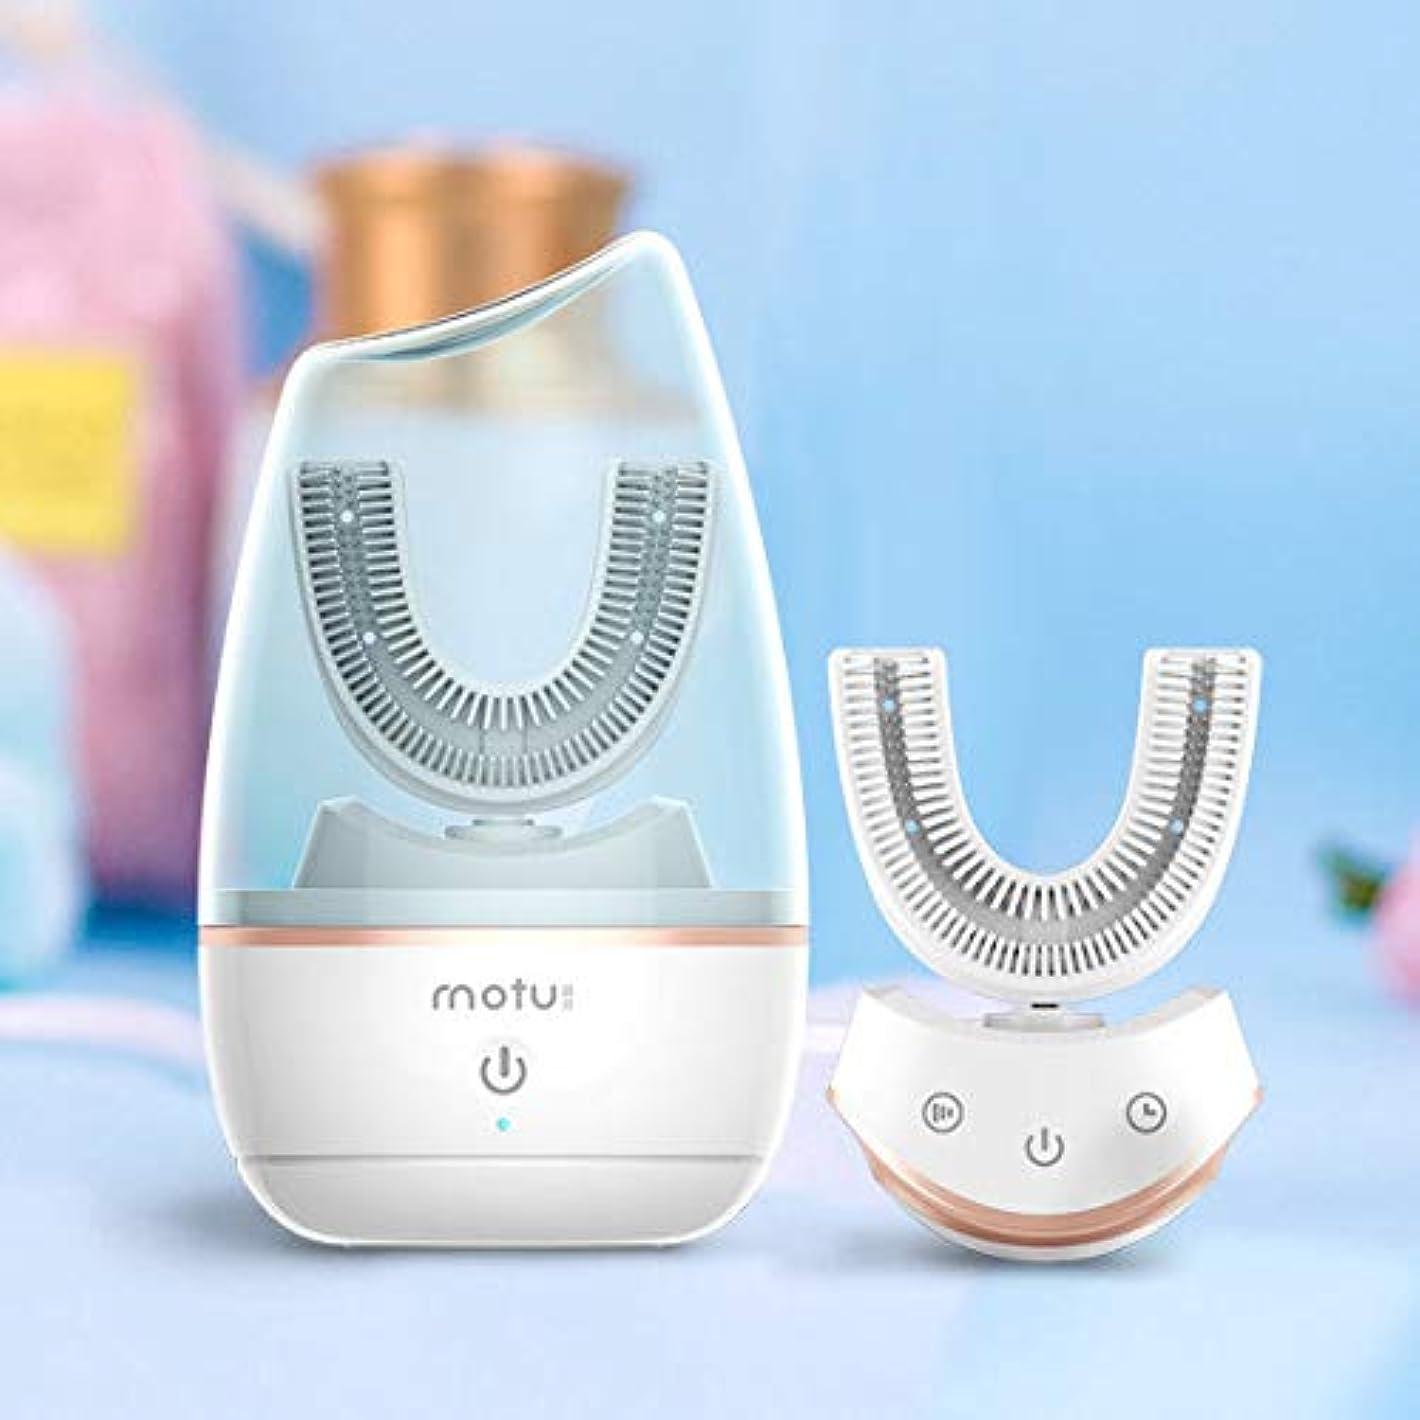 羨望フレームワーク染色電動歯ブラシ全自動、ブラシを白くする再充電可能でスマートな音波歯